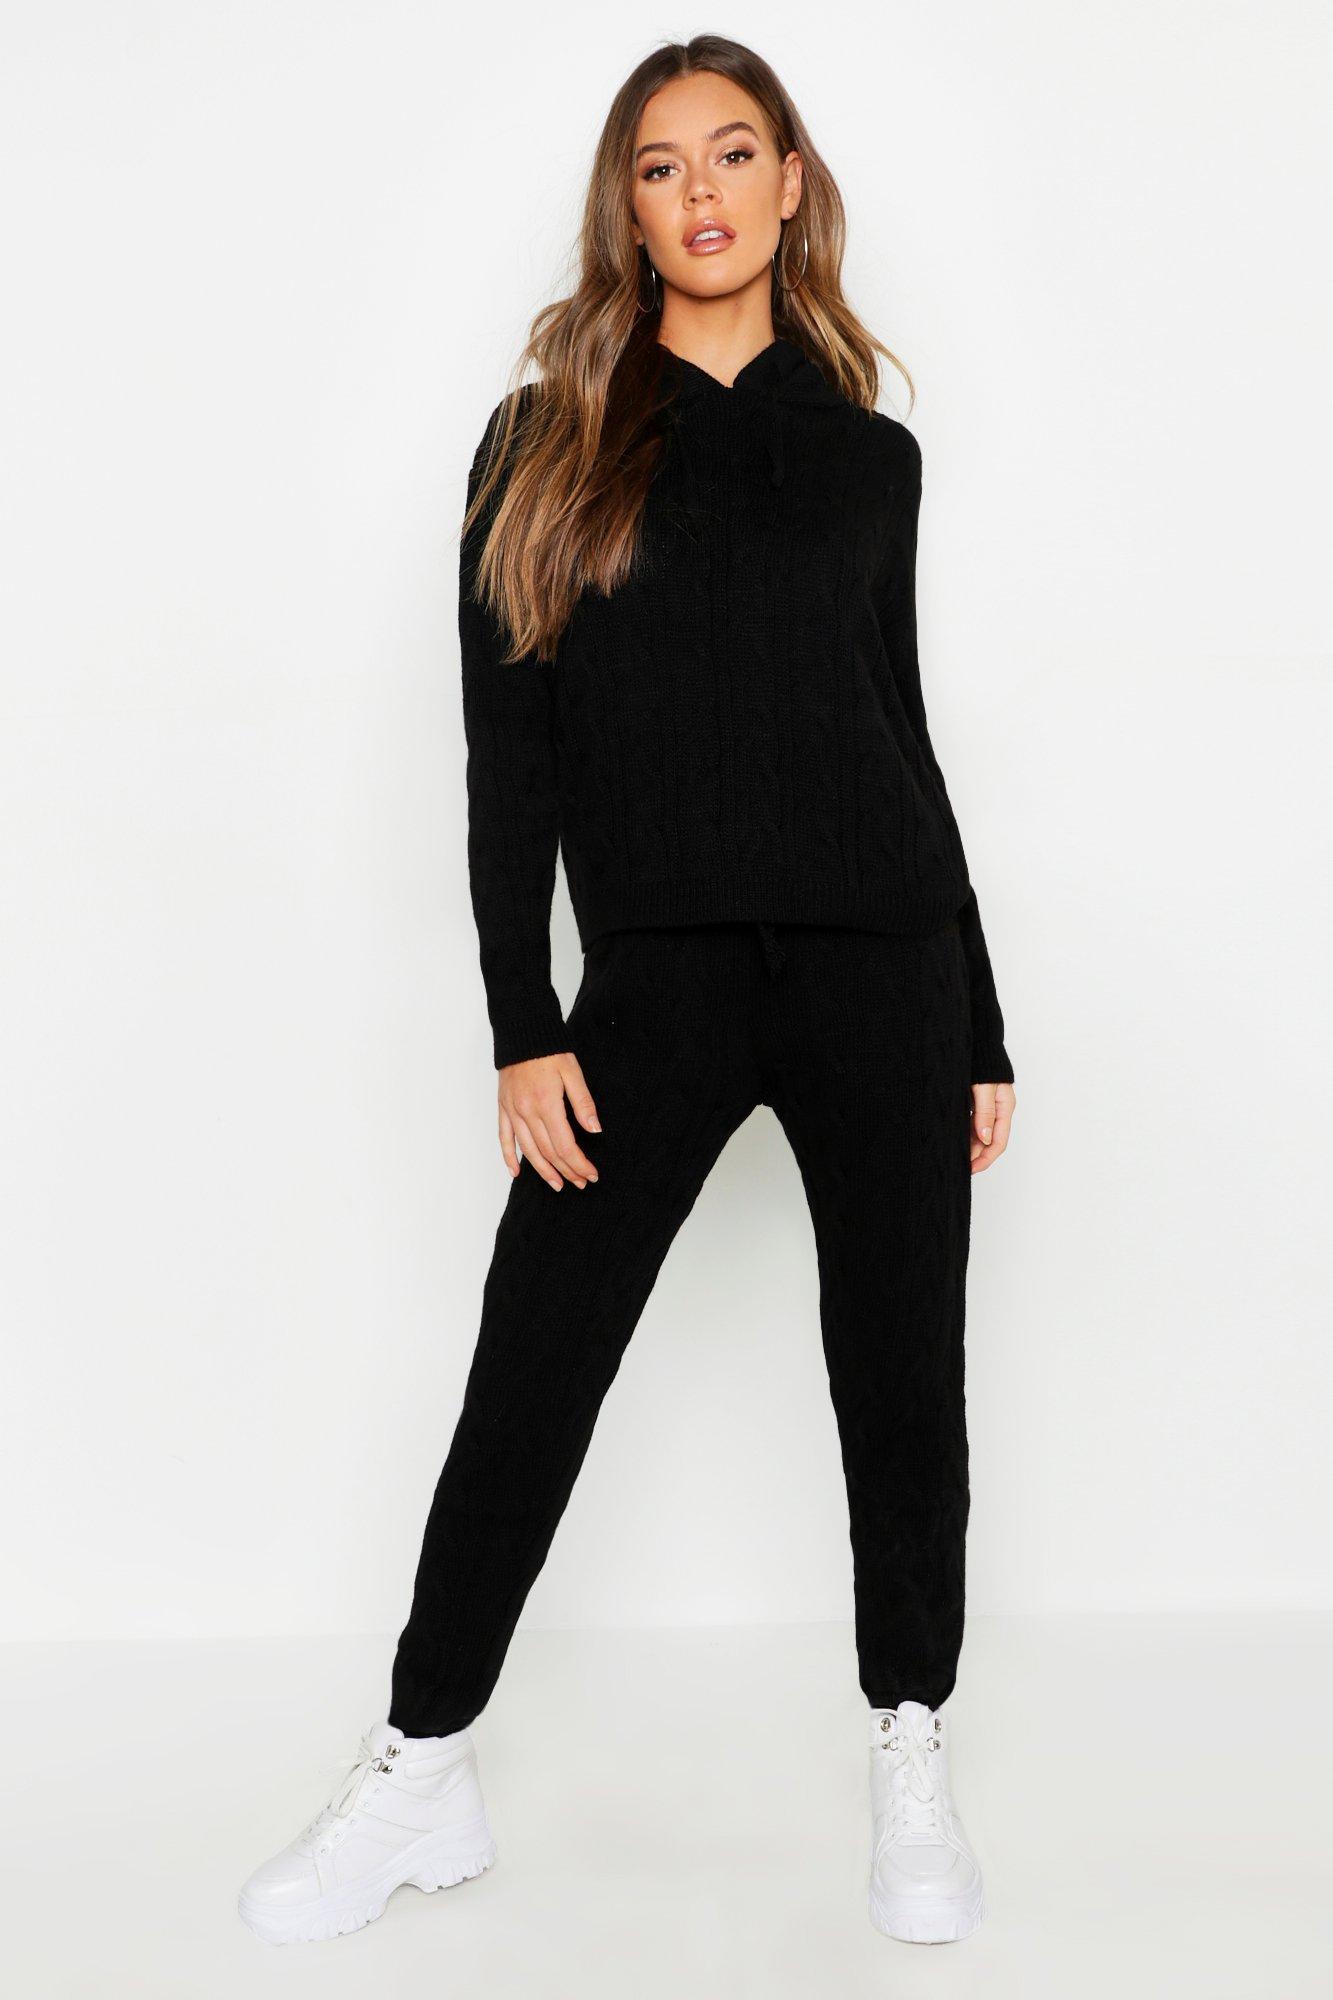 Womens Loungewear Set mit Zopfmuster und Kapuze - schwarz - S/M, Schwarz - Boohoo.com